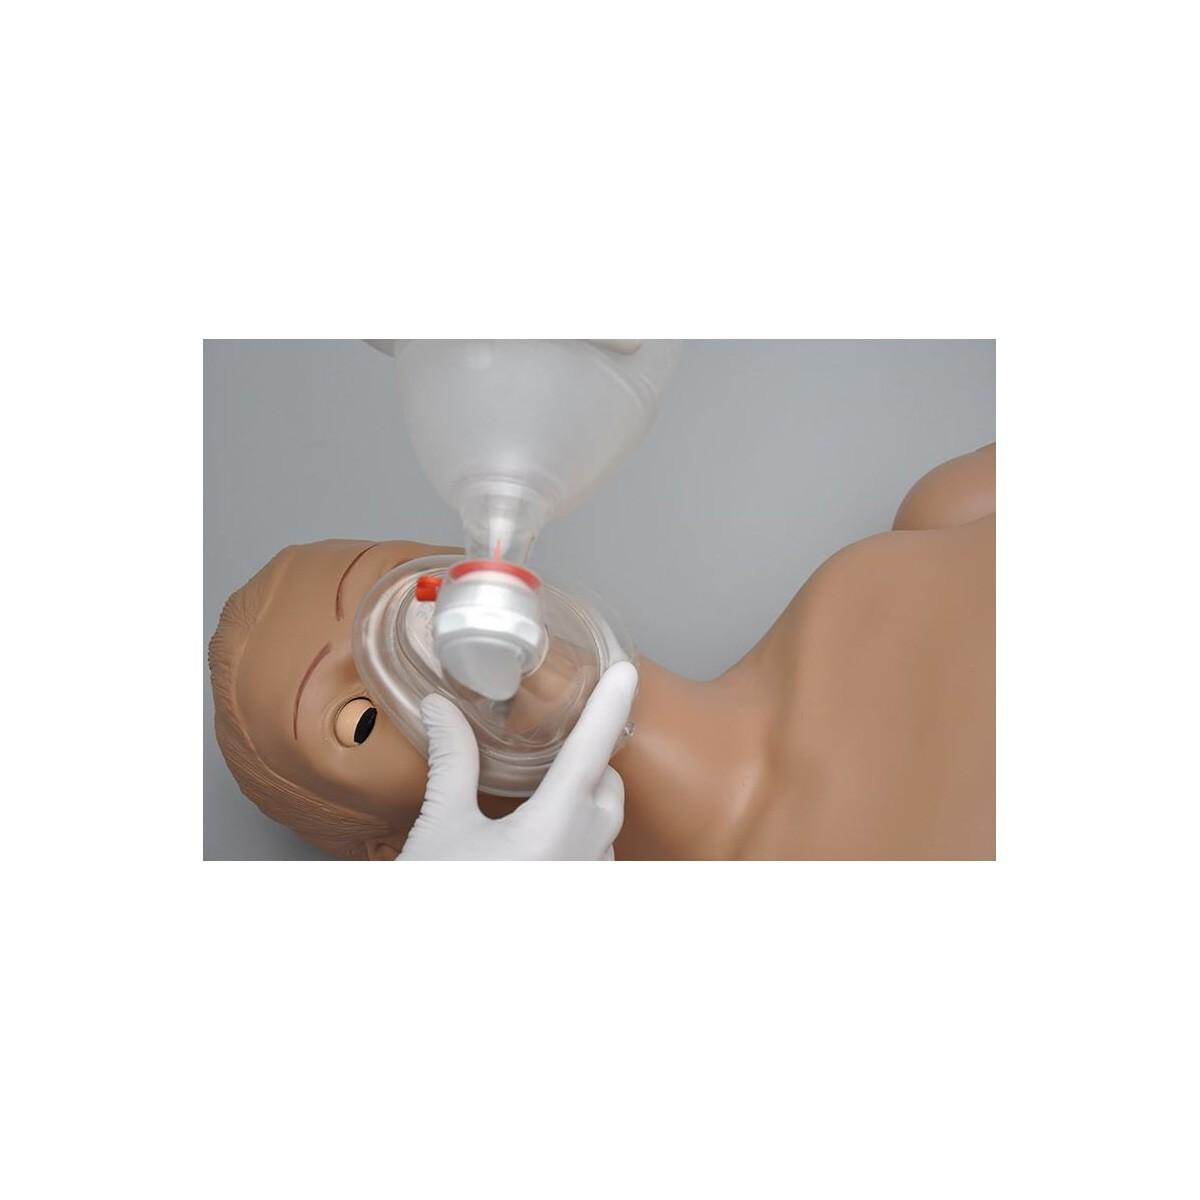 CPR SIMON BLS - Ganzkörpersimulator mit venösen Stellen